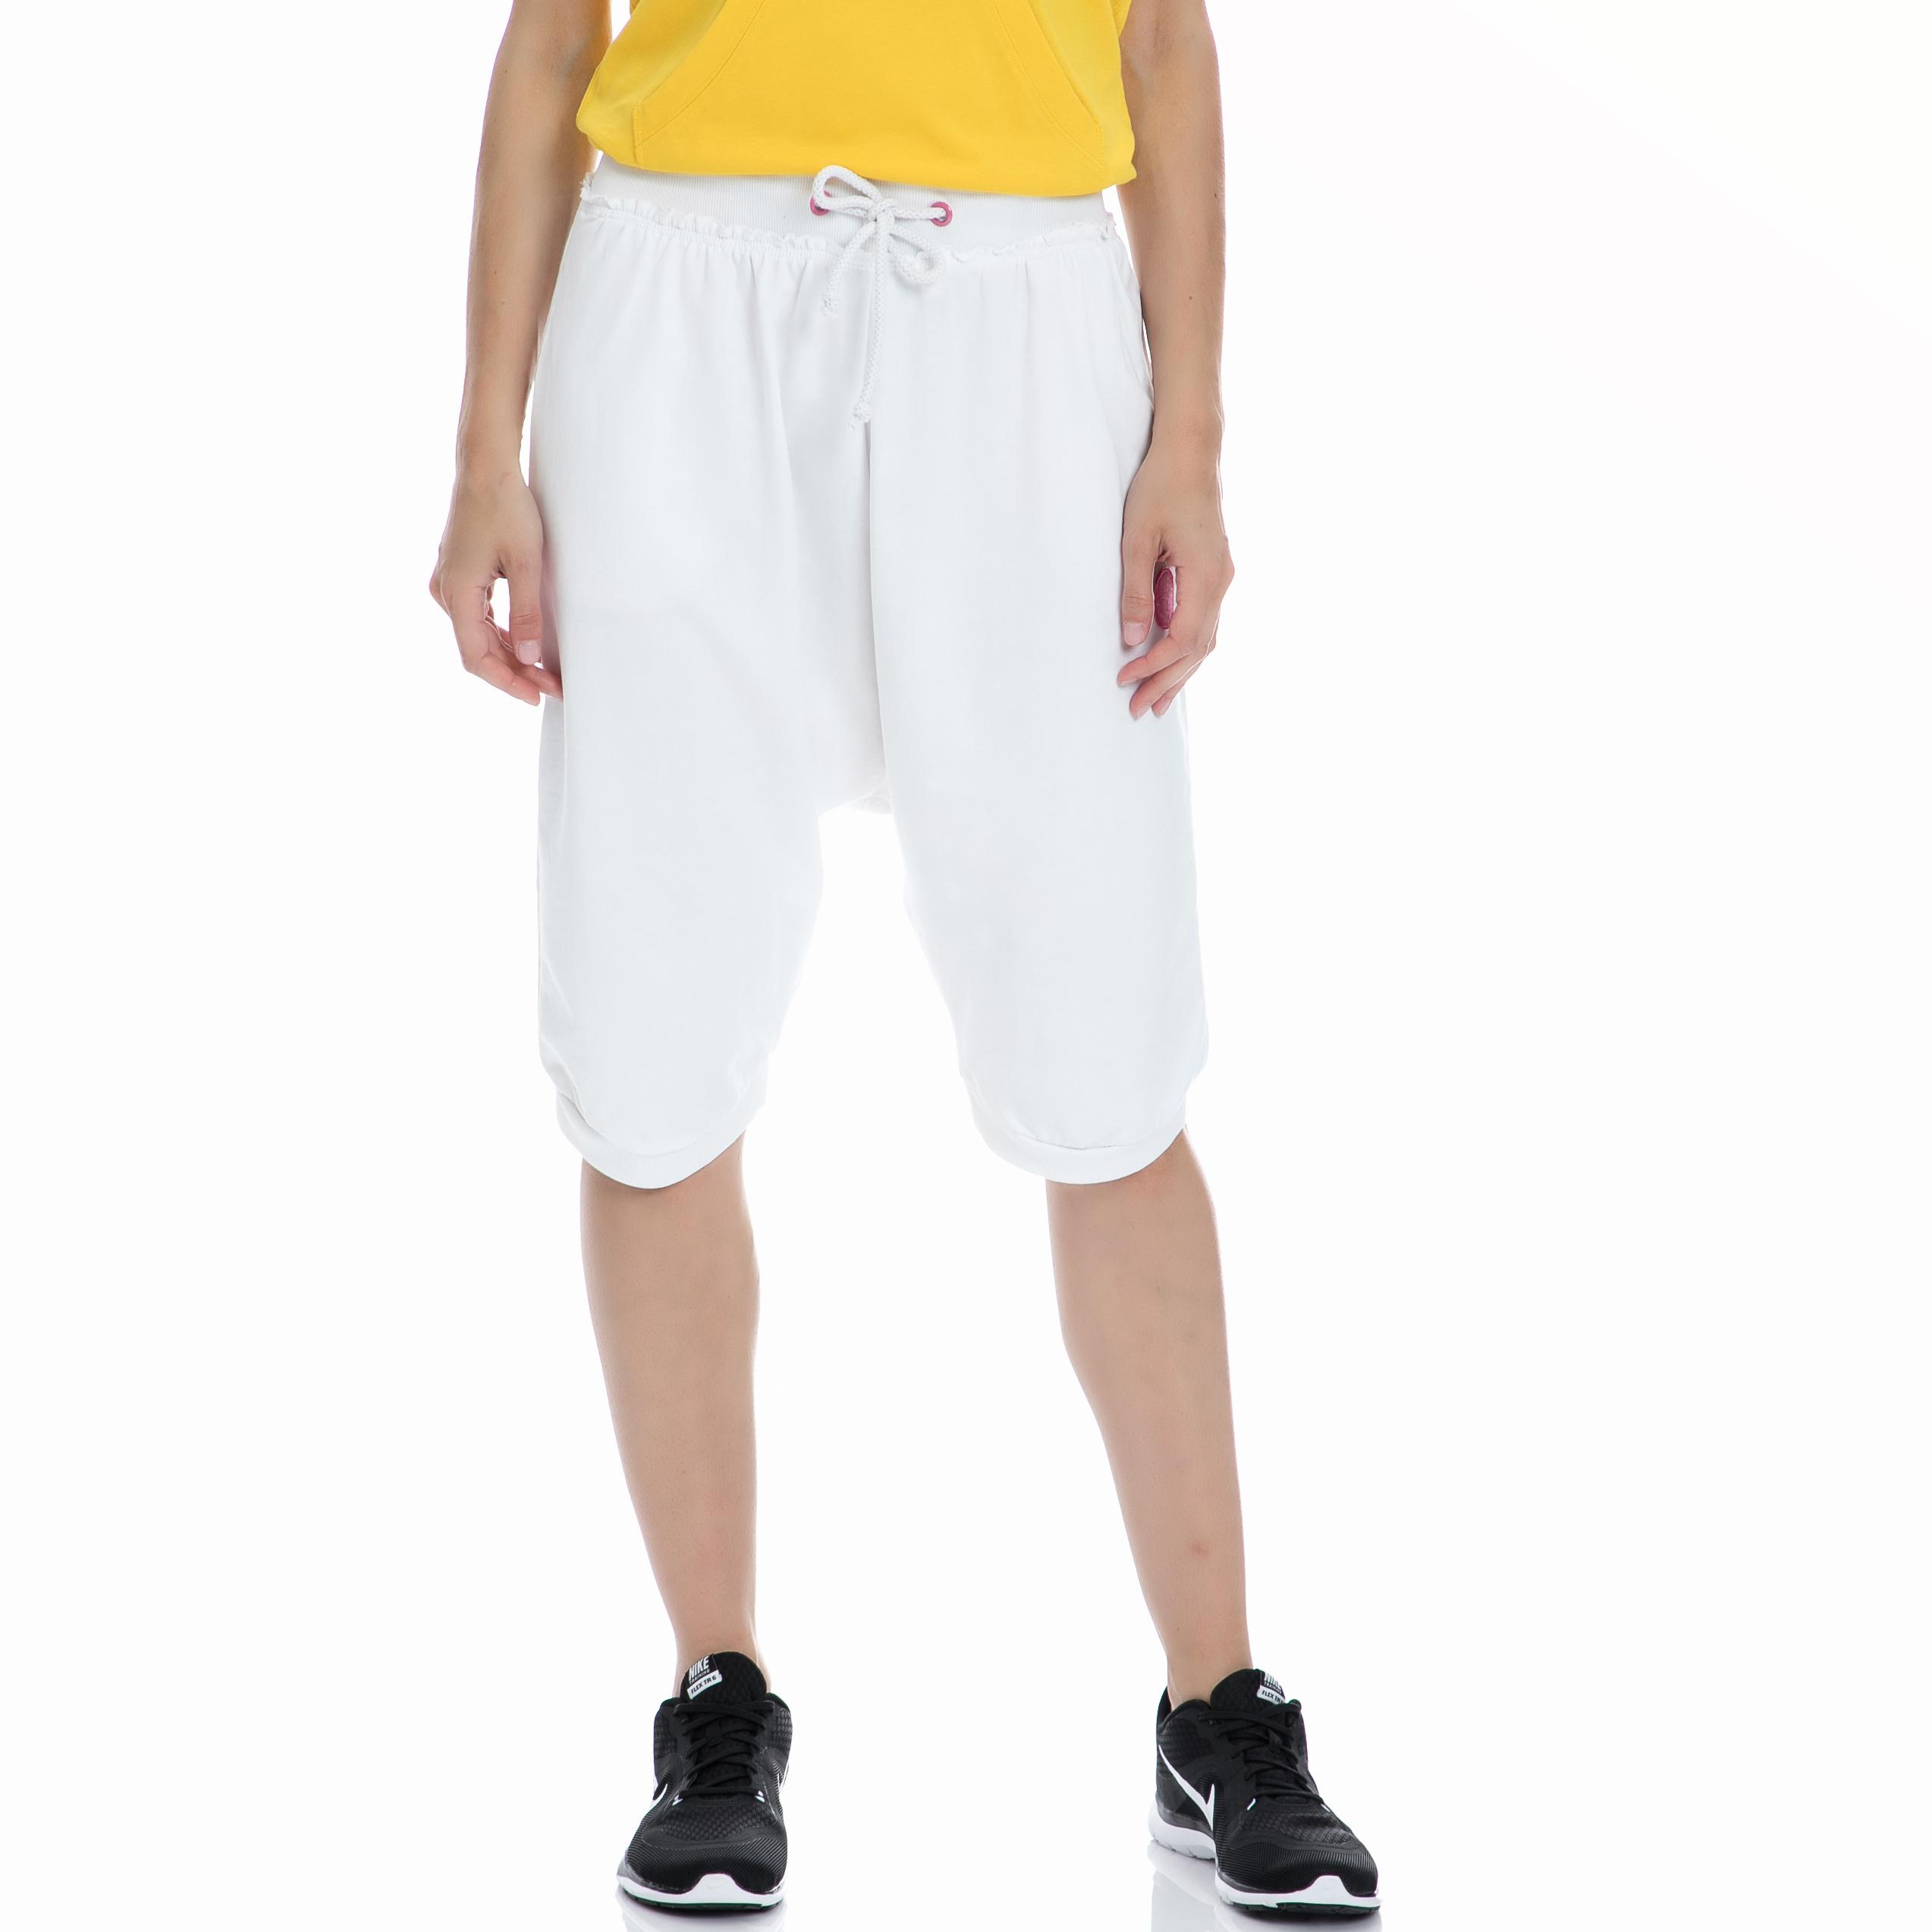 BODYTALK - Γυναικεία βερμούδα BODYTALK άσπρη γυναικεία ρούχα σορτς βερμούδες αθλητικά